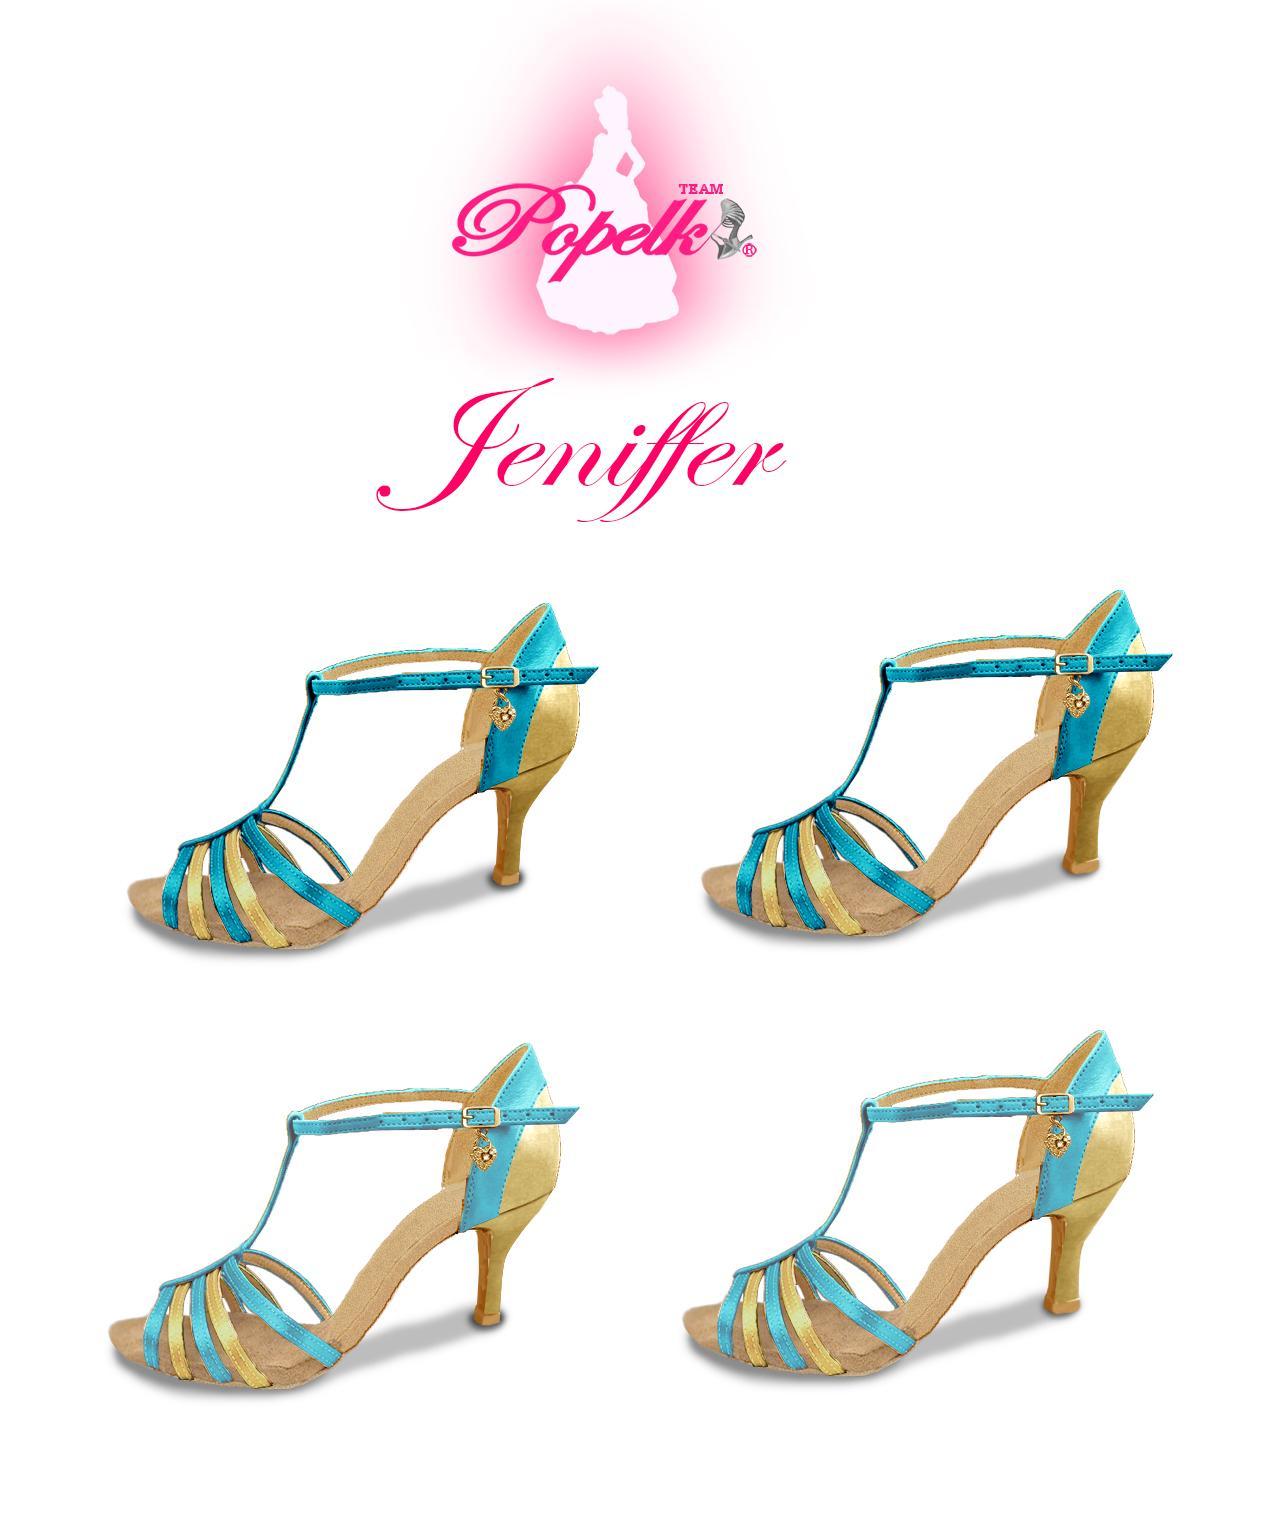 Svadobné topánky navrhni a uprav si ich podľa seba - inšpirácie zlatá - Obrázok č. 62